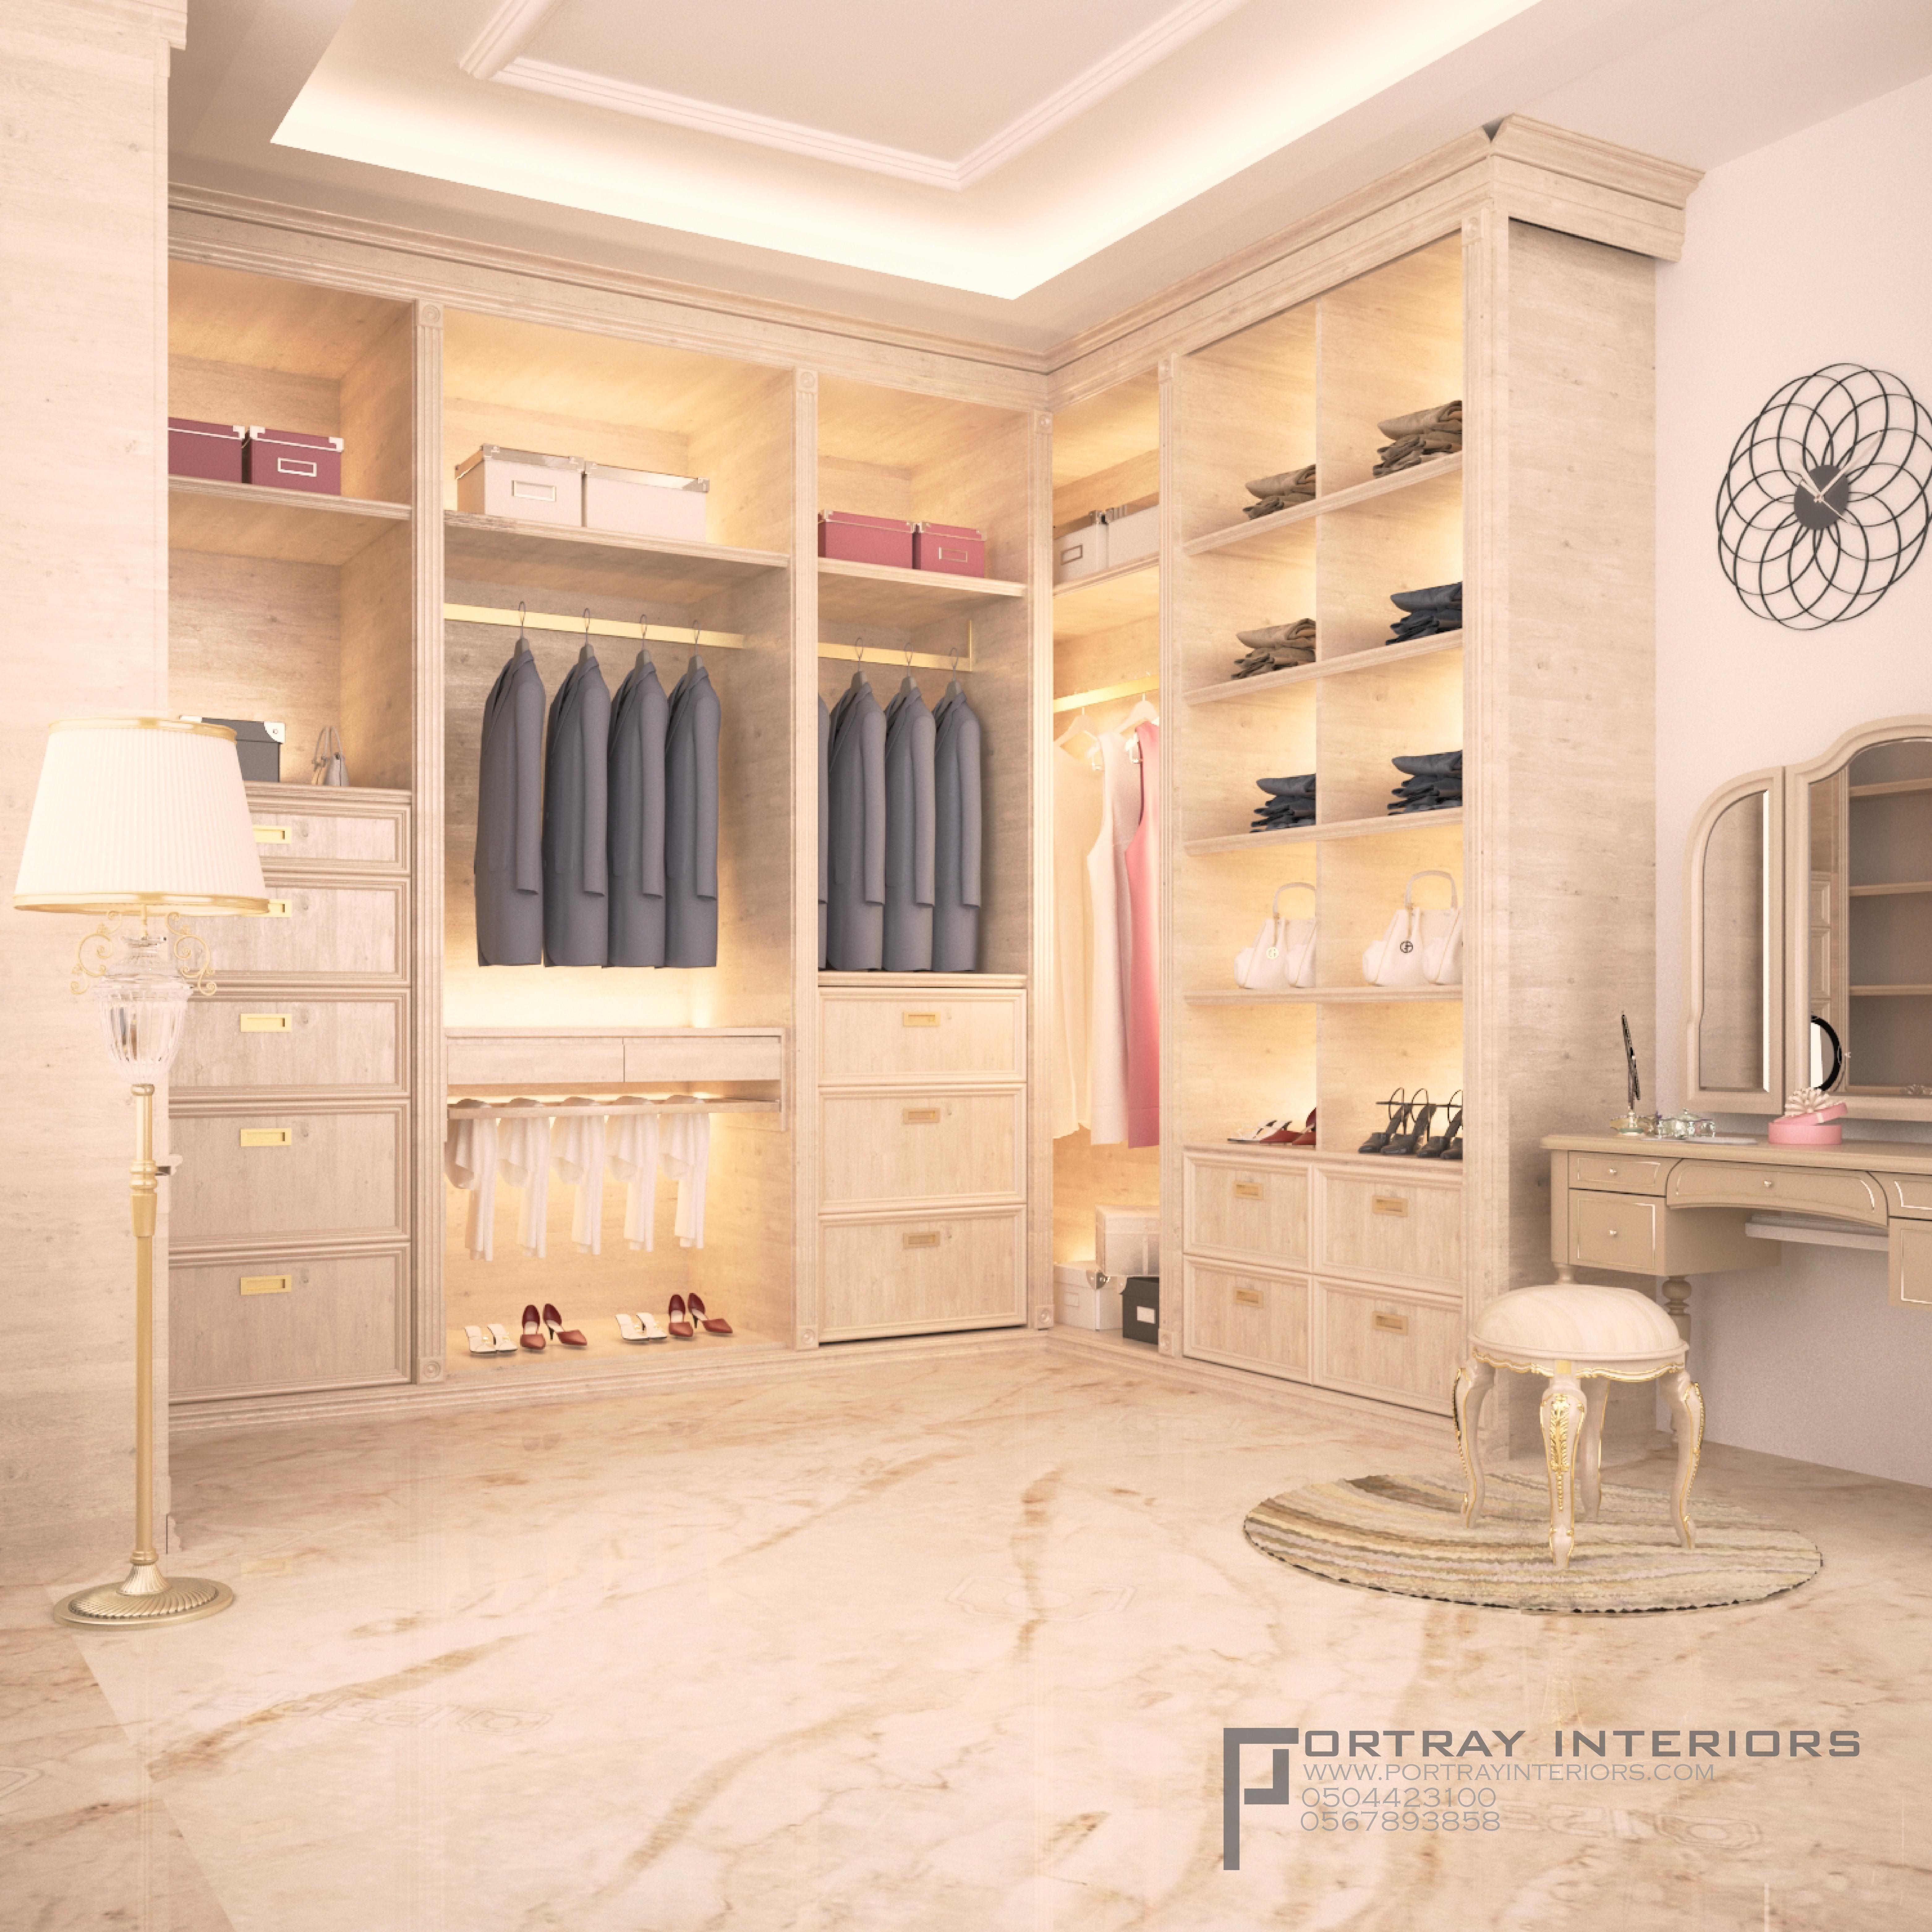 غرفة ملابس على الطراز الكلاسيكي